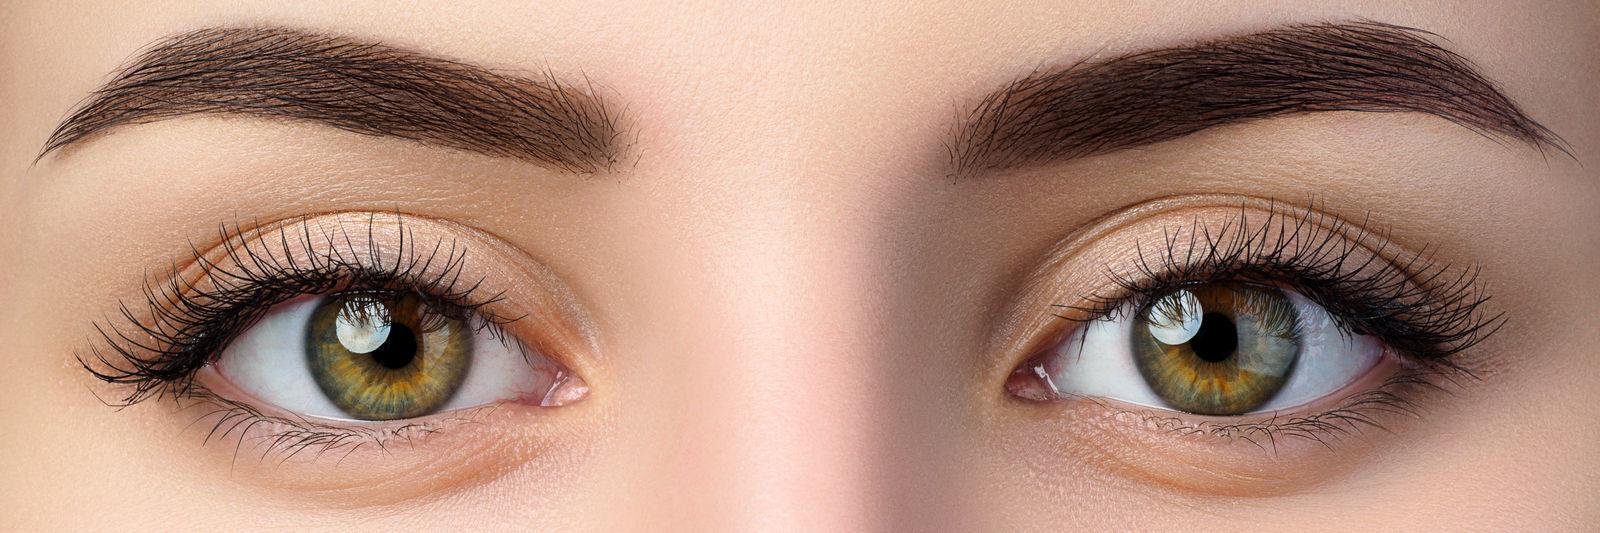 крупным планом глаза девушки зеленые